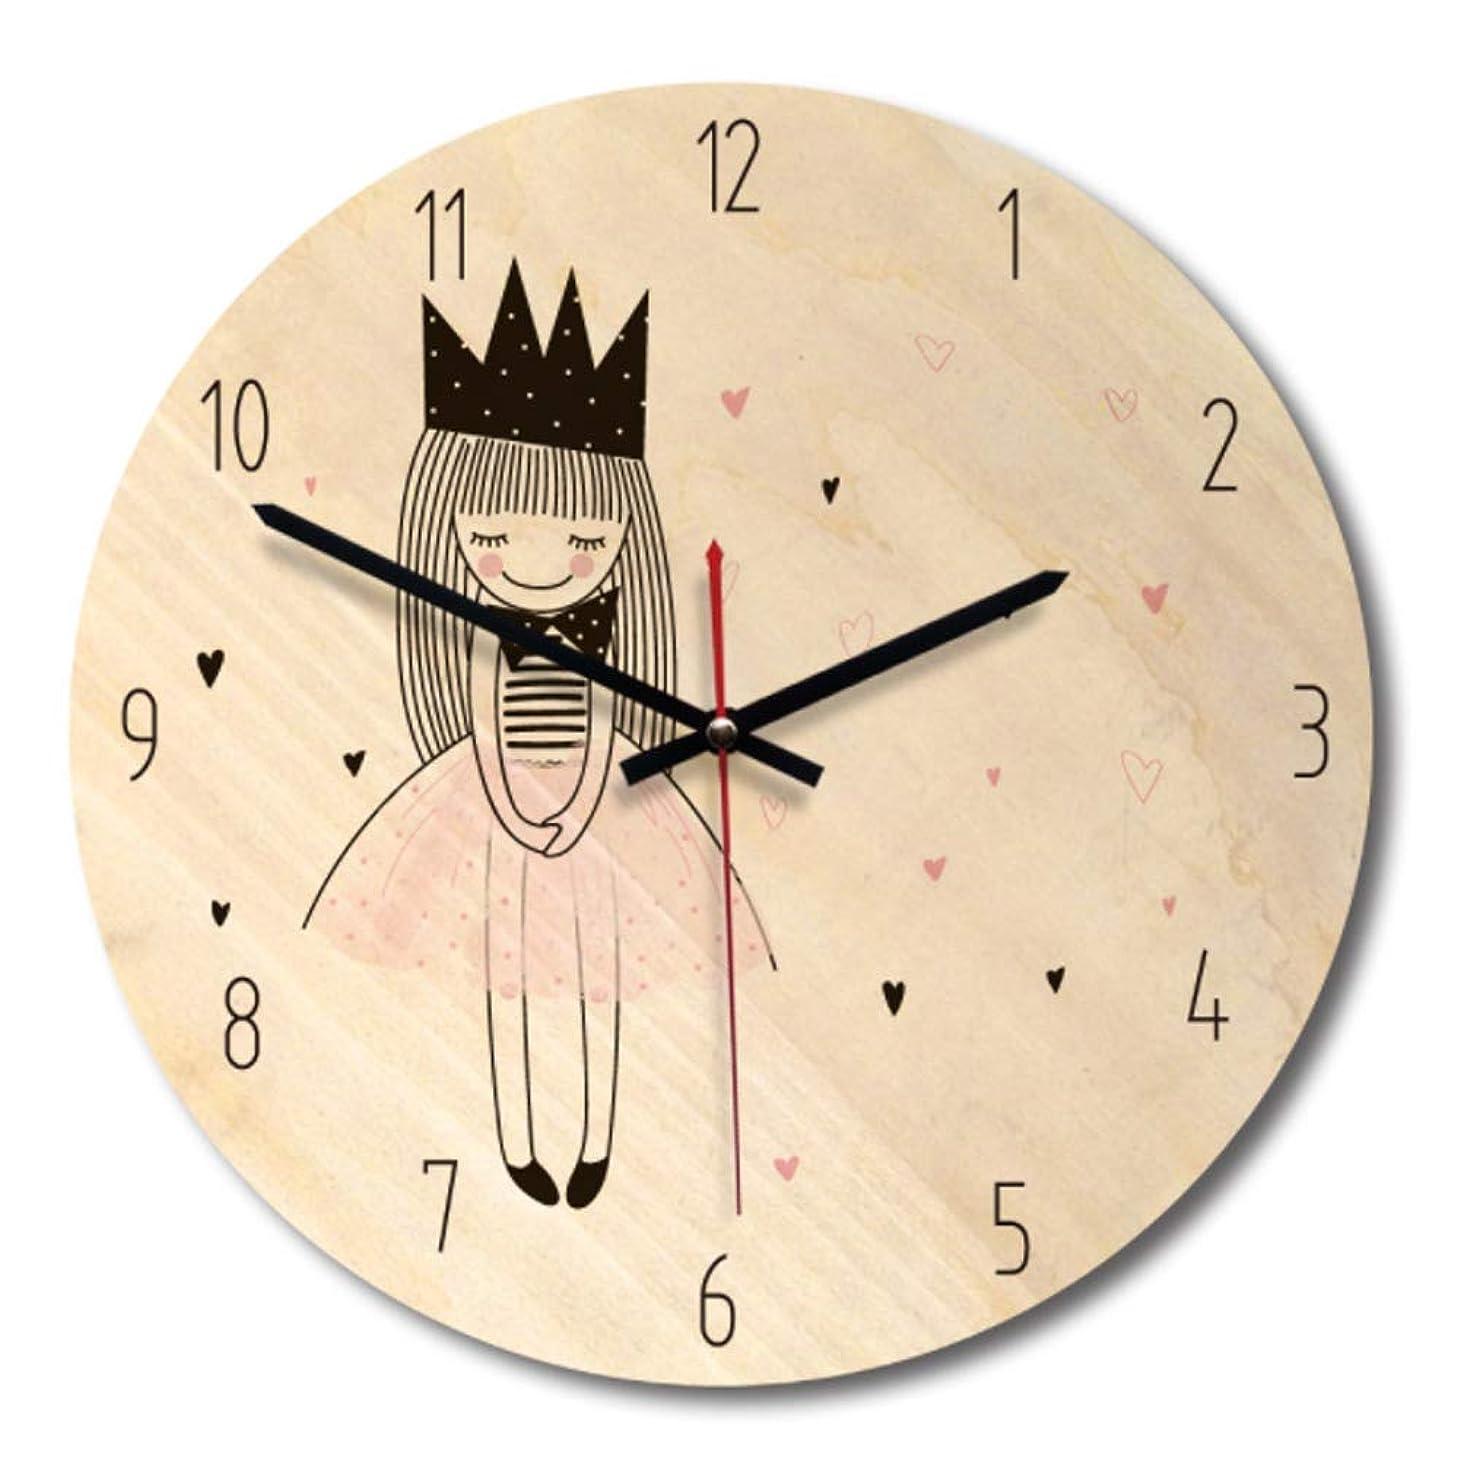 スペイン語隠コロニアル木掛け時計 木製時計 木製 天然木 連続秒針 音無し かわいい 部屋装飾 プレゼント 直径約28cm (A)